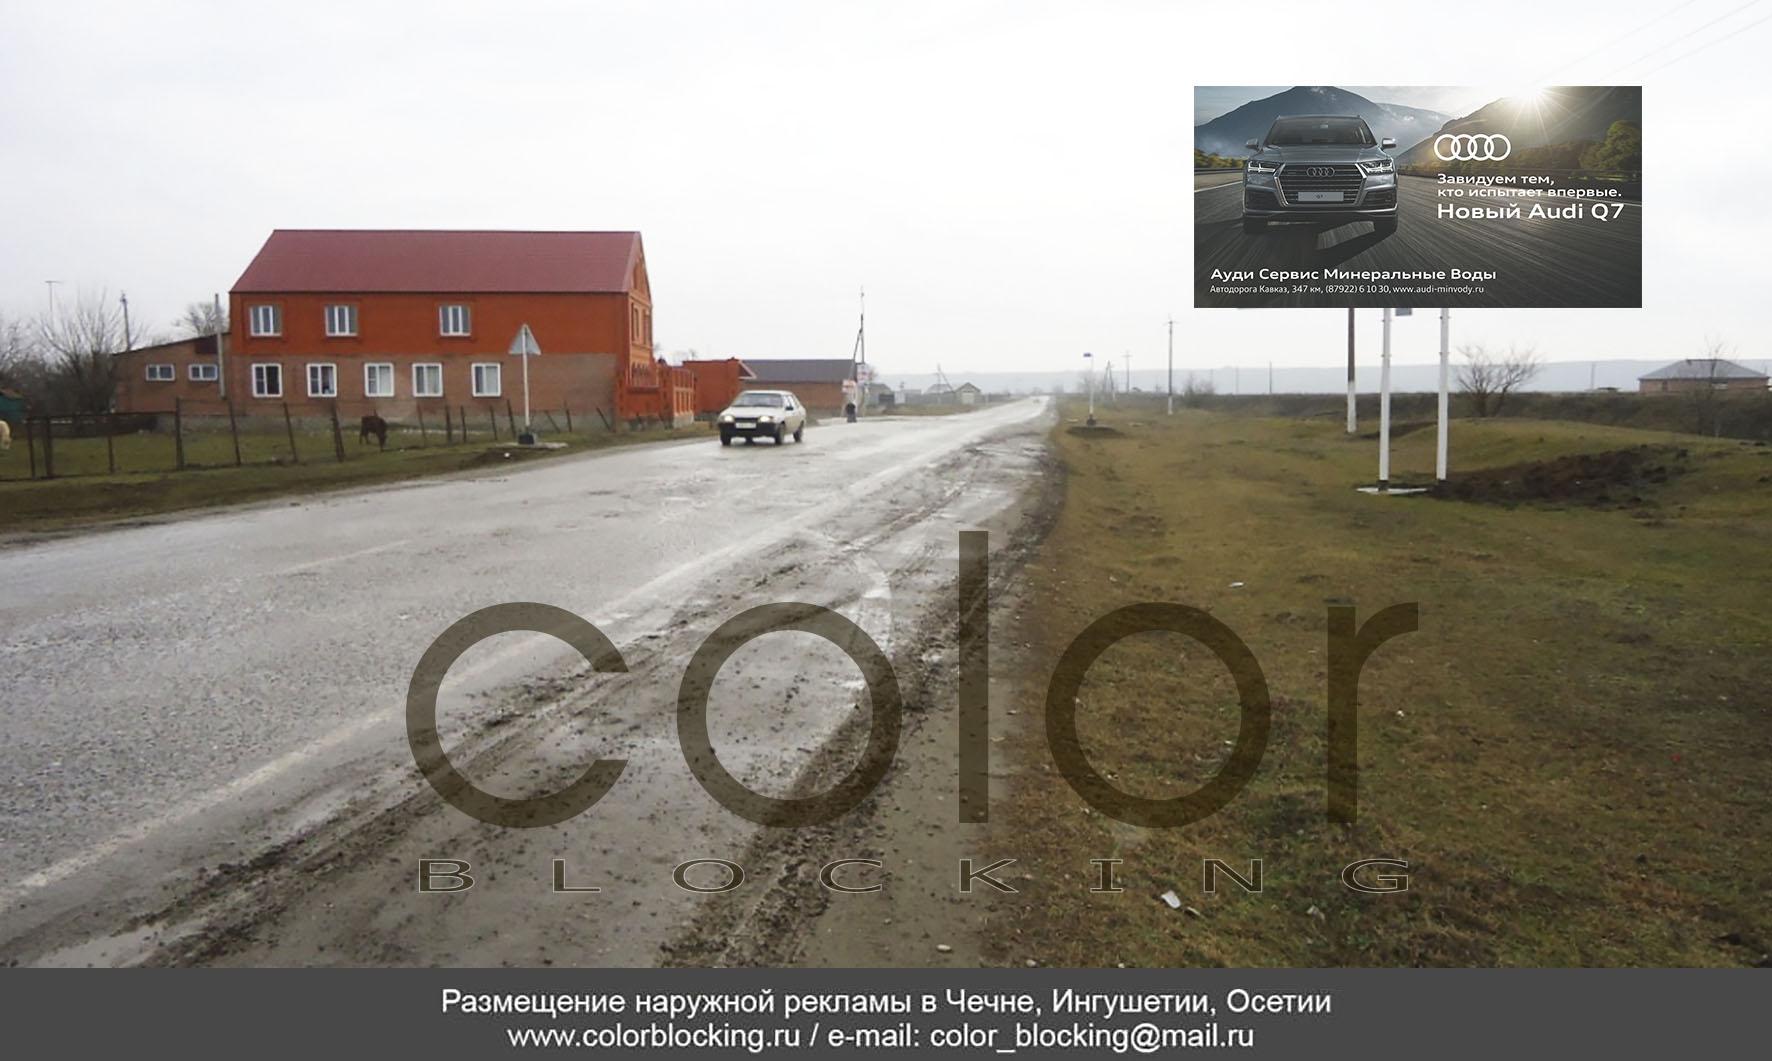 Наружная реклама в населенных пунктах Чечни Подгорное